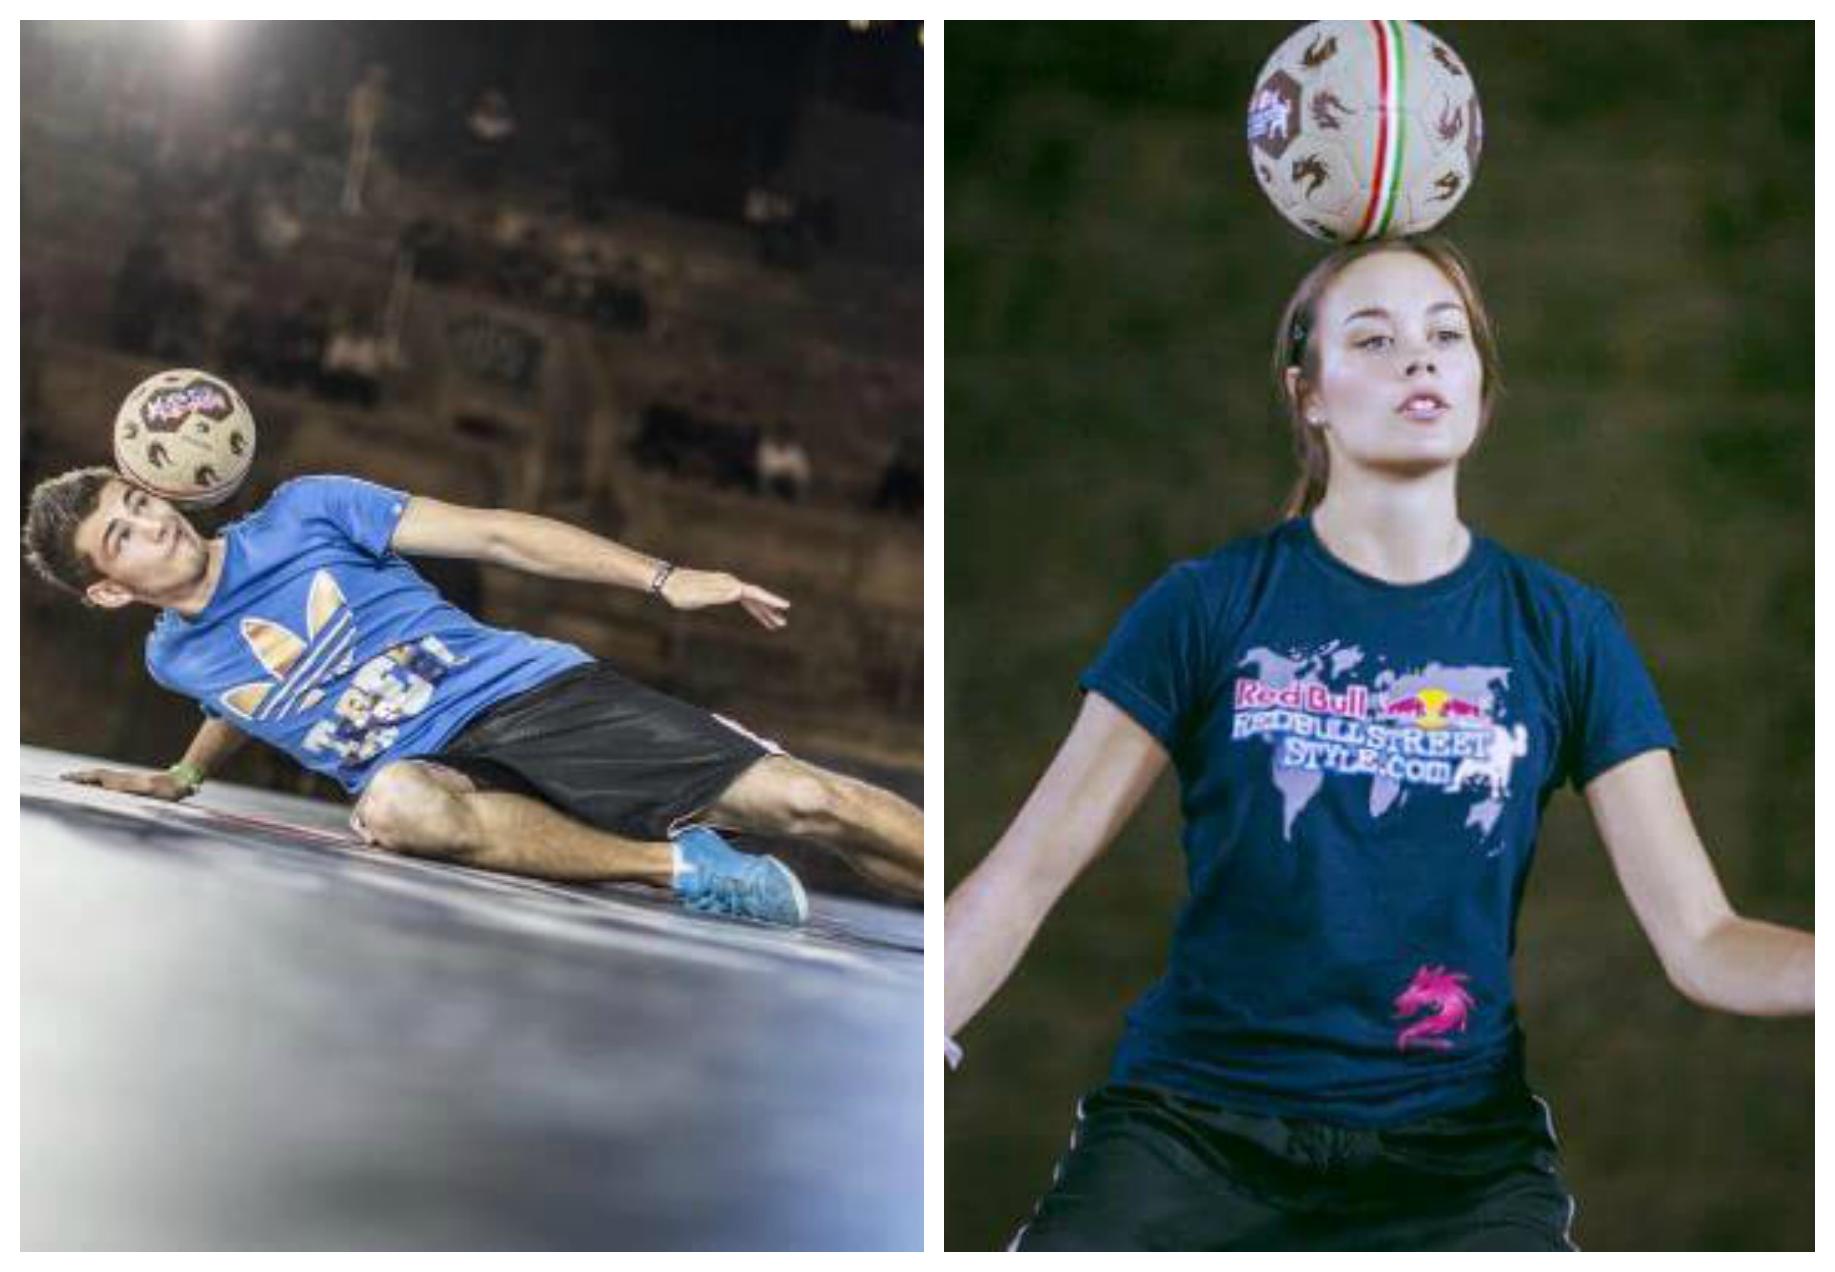 Red Bull Street Style World Finals - Groepsfase Maarten van LuitTop 8 Dames Kathy Vije